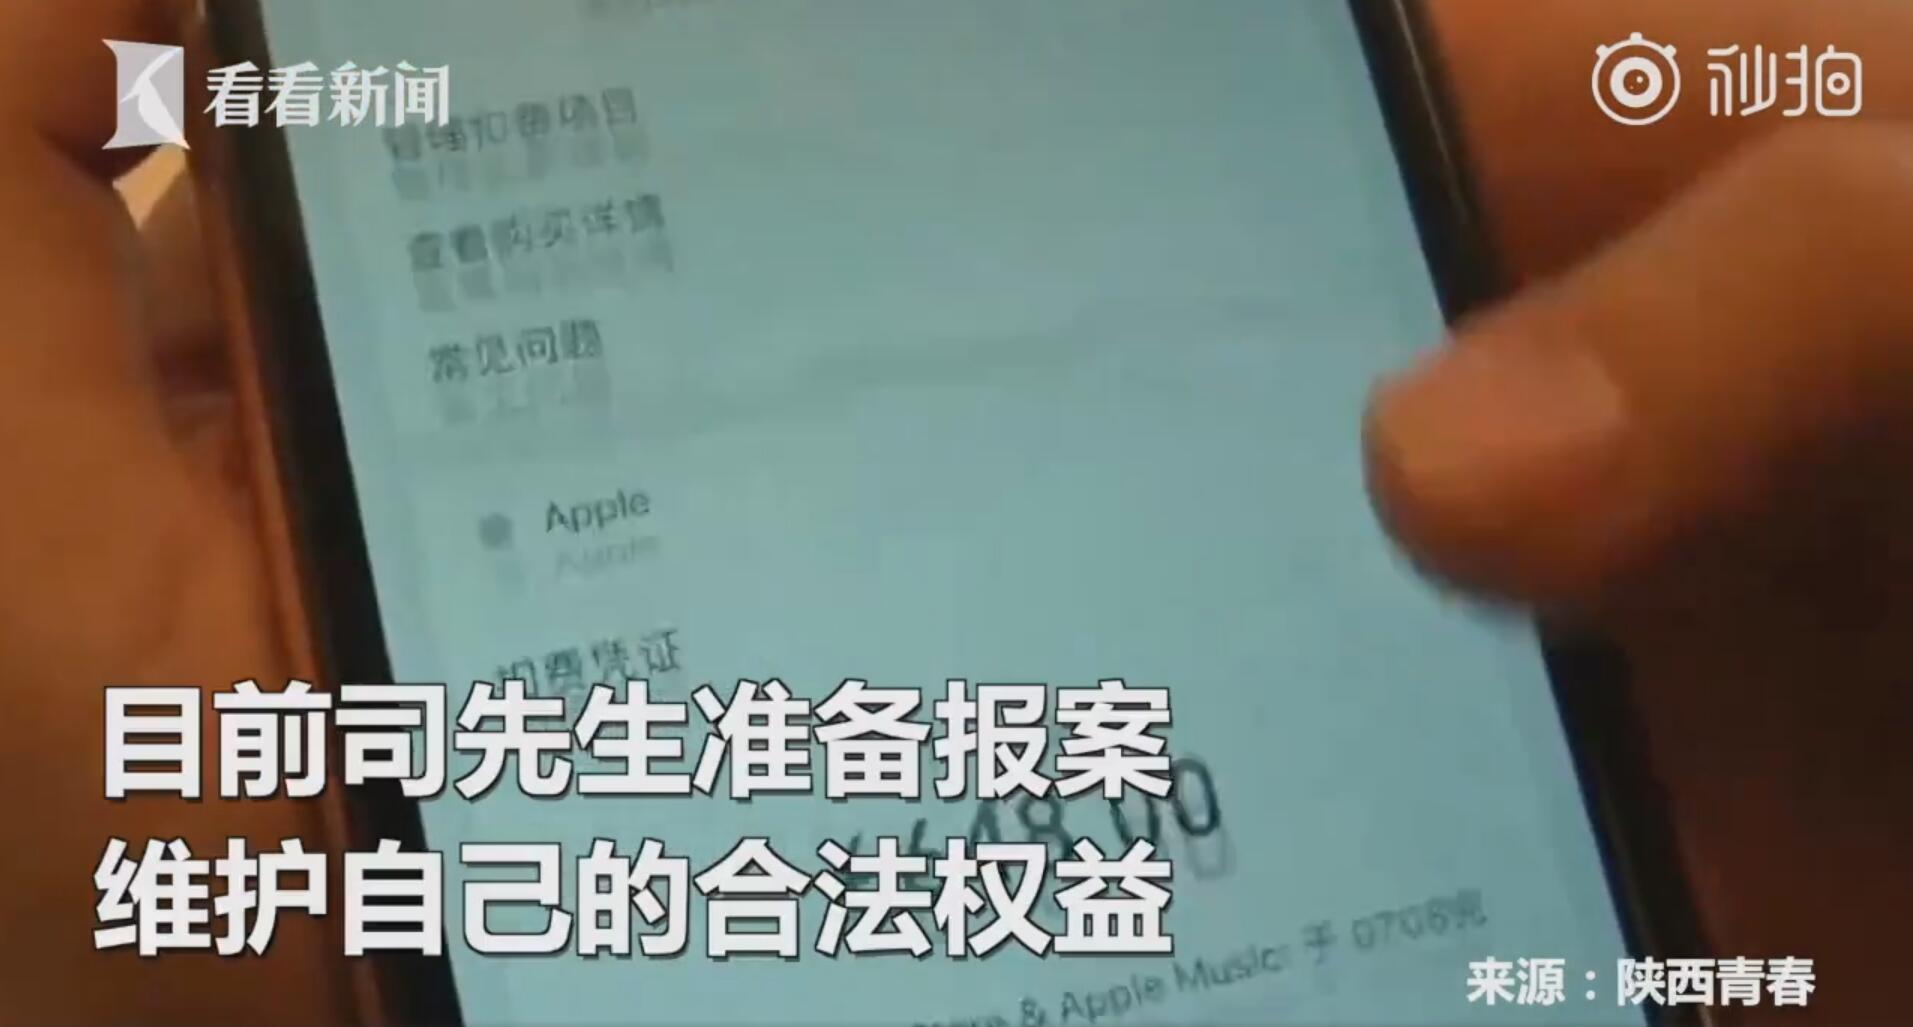 iPhone用户5分钟内遭莫名连刷19笔 总损失超万余元